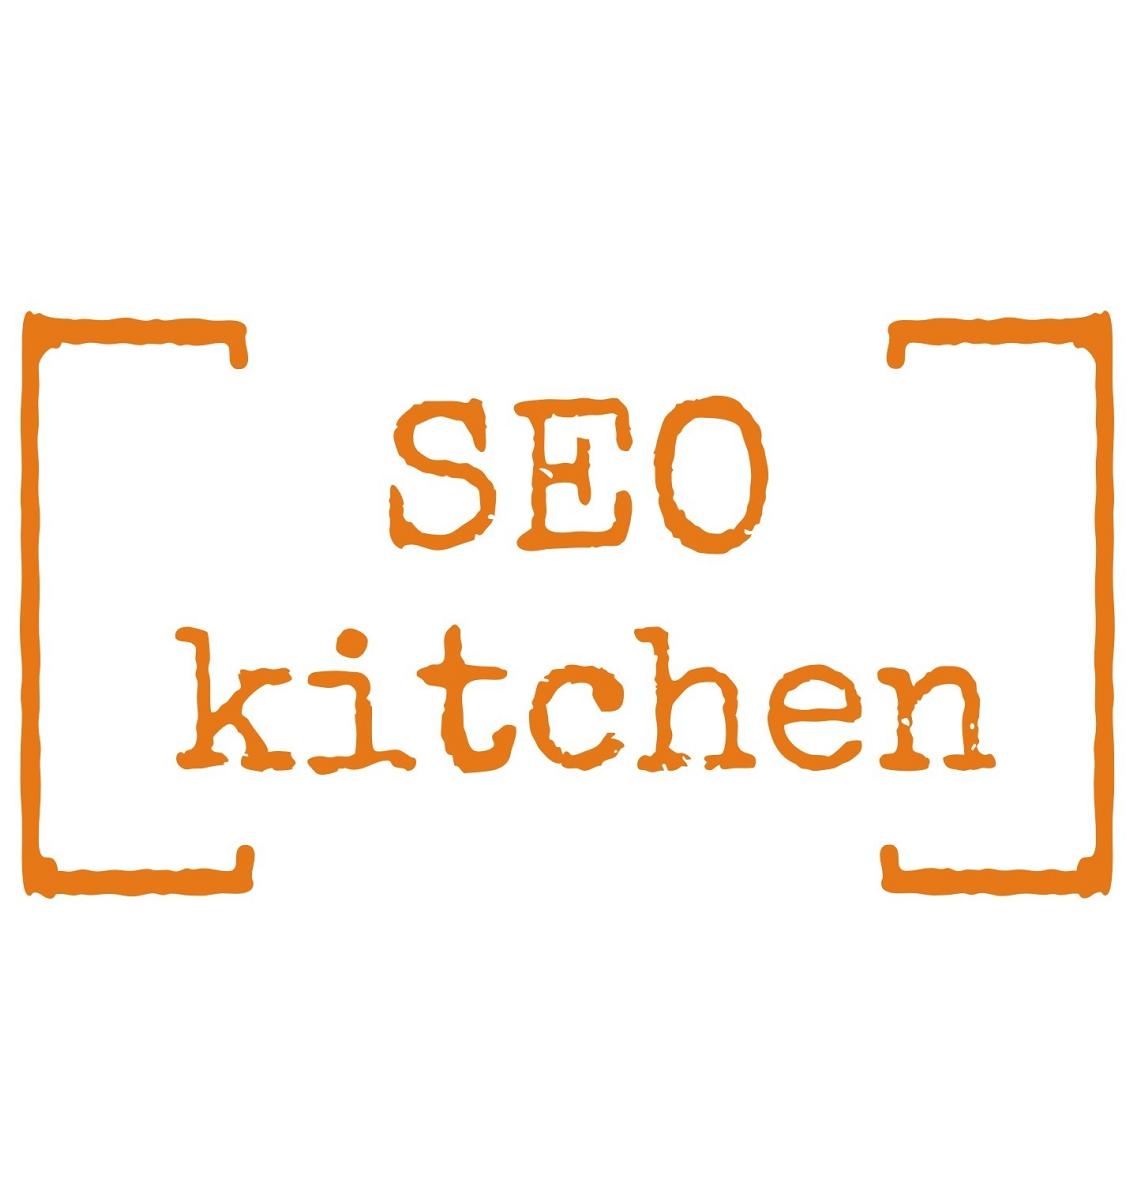 SEOkitchen – prekyba ETSY, EBAY, AMAZON, socialinių tinklų administravimas, Google Adwords reklama